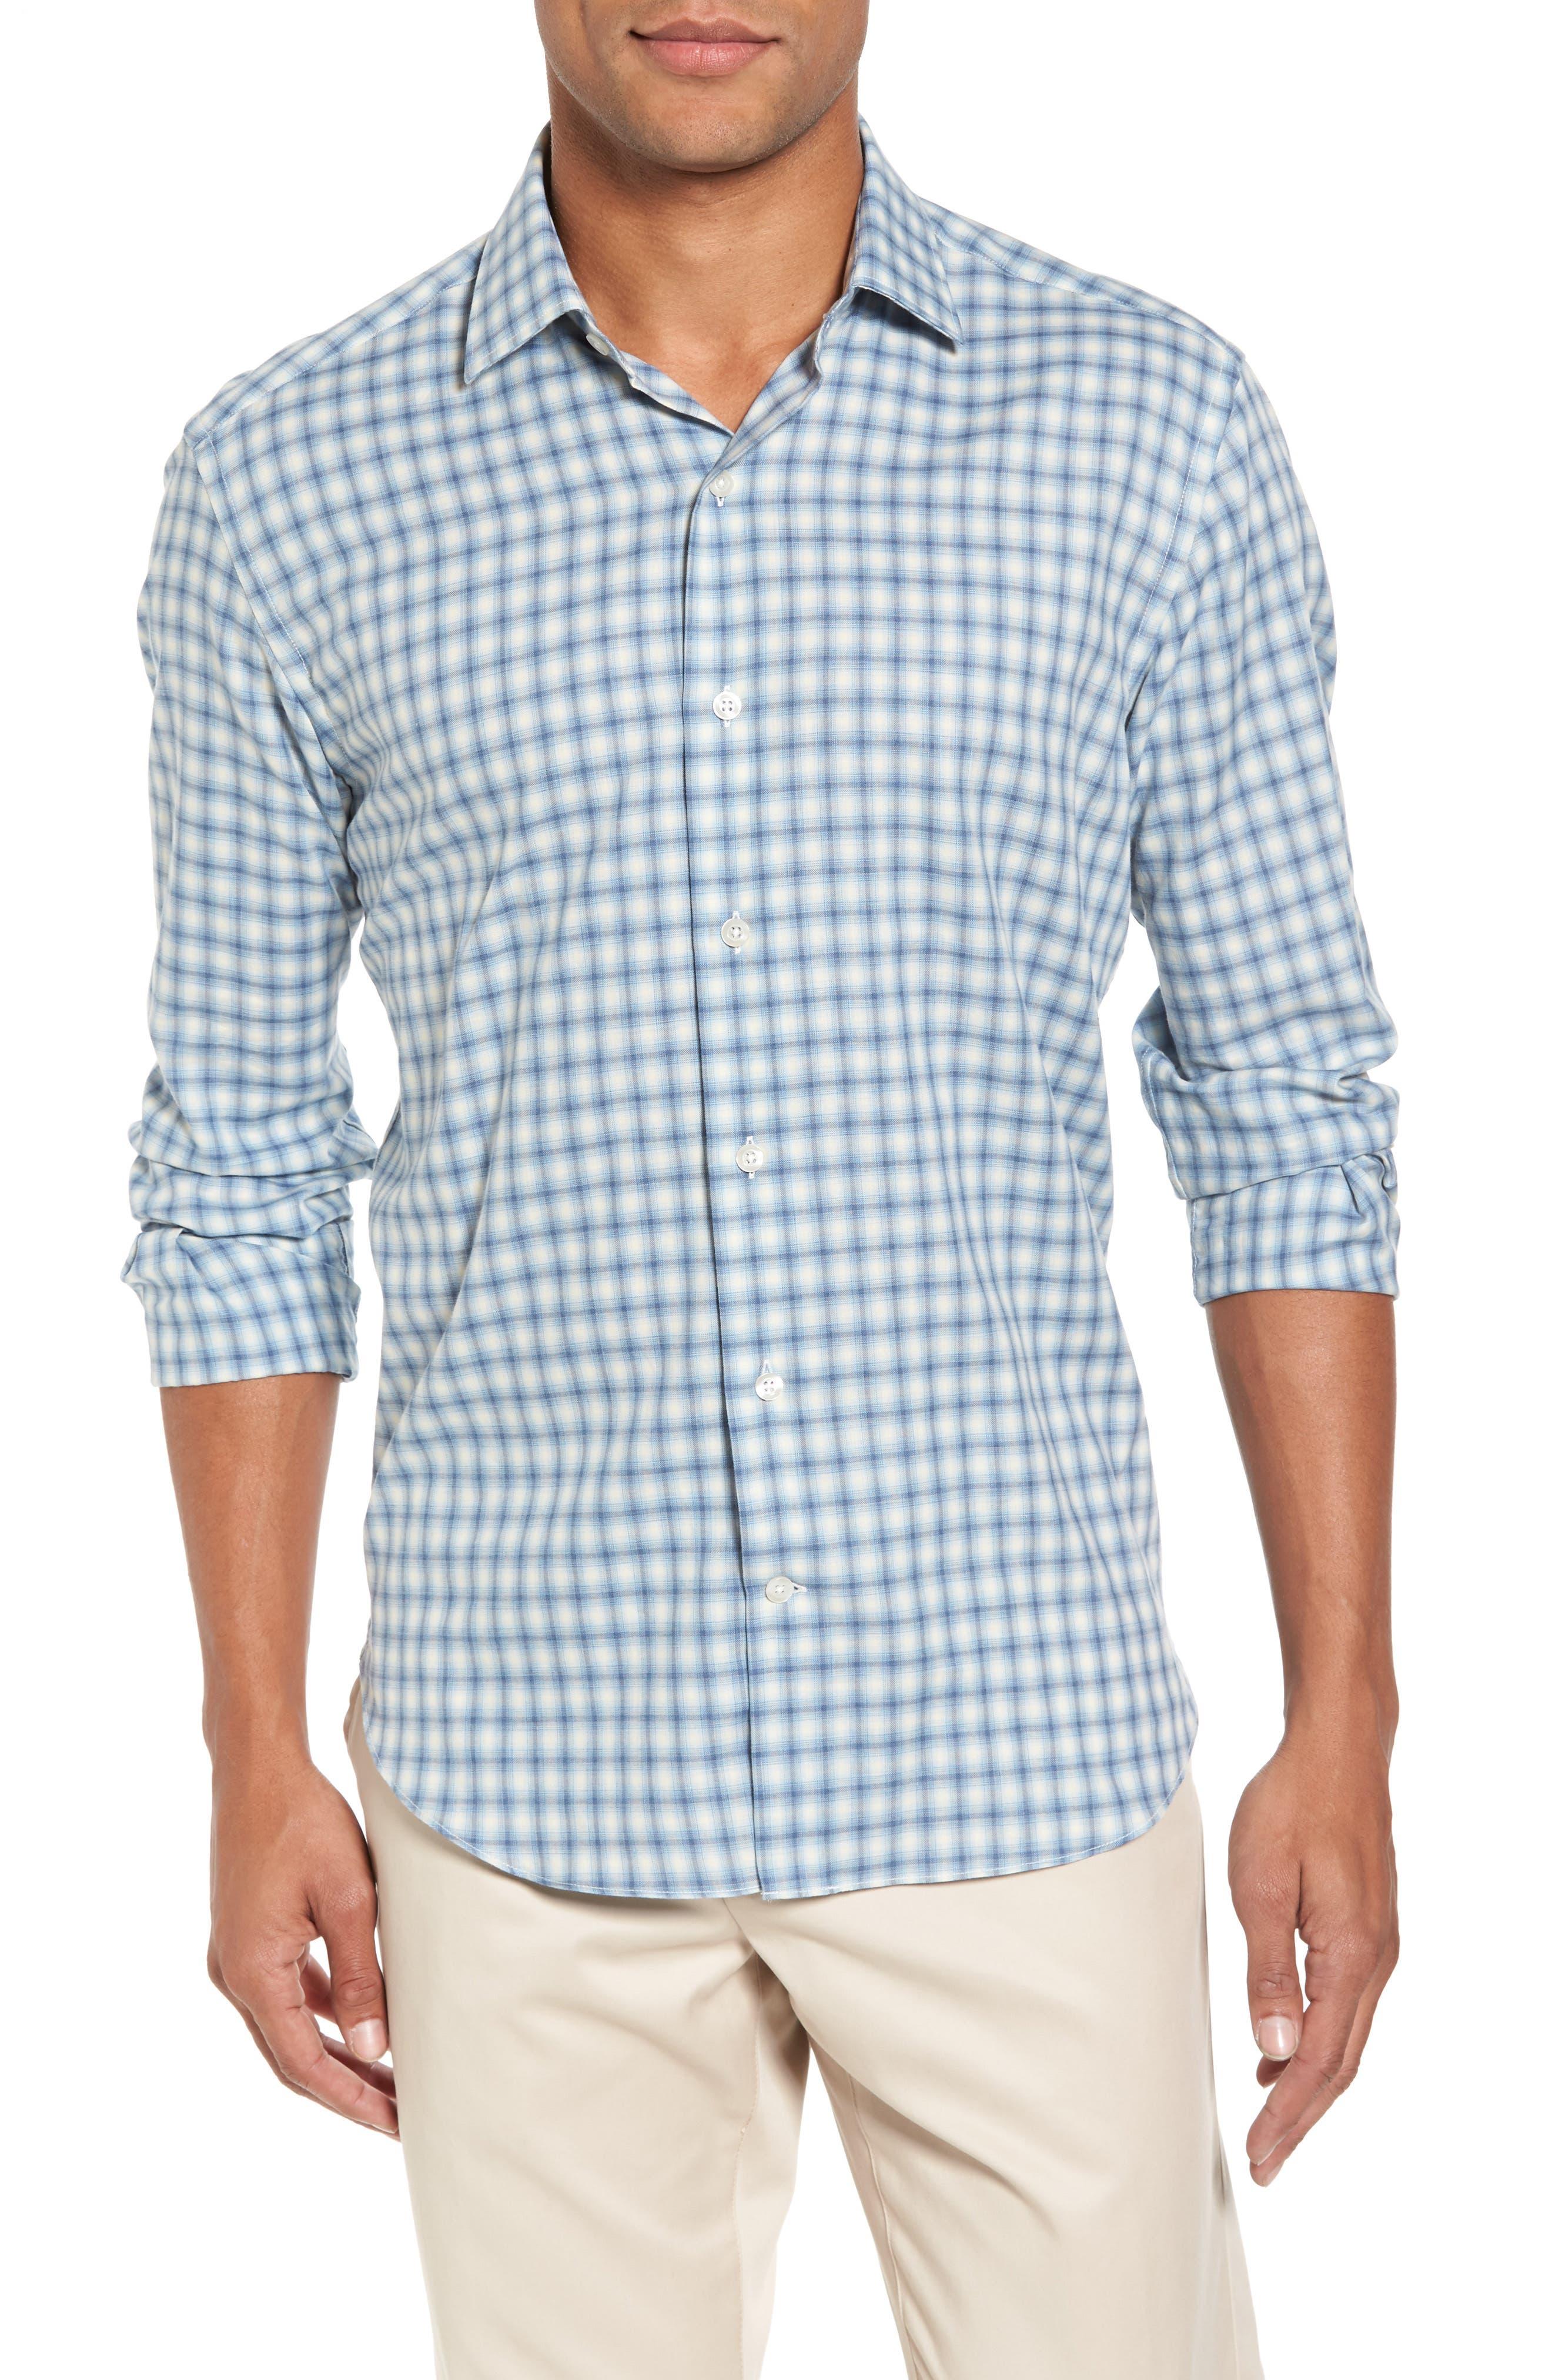 Main Image - Culturata Slim Fit Plaid Twill Sport Shirt